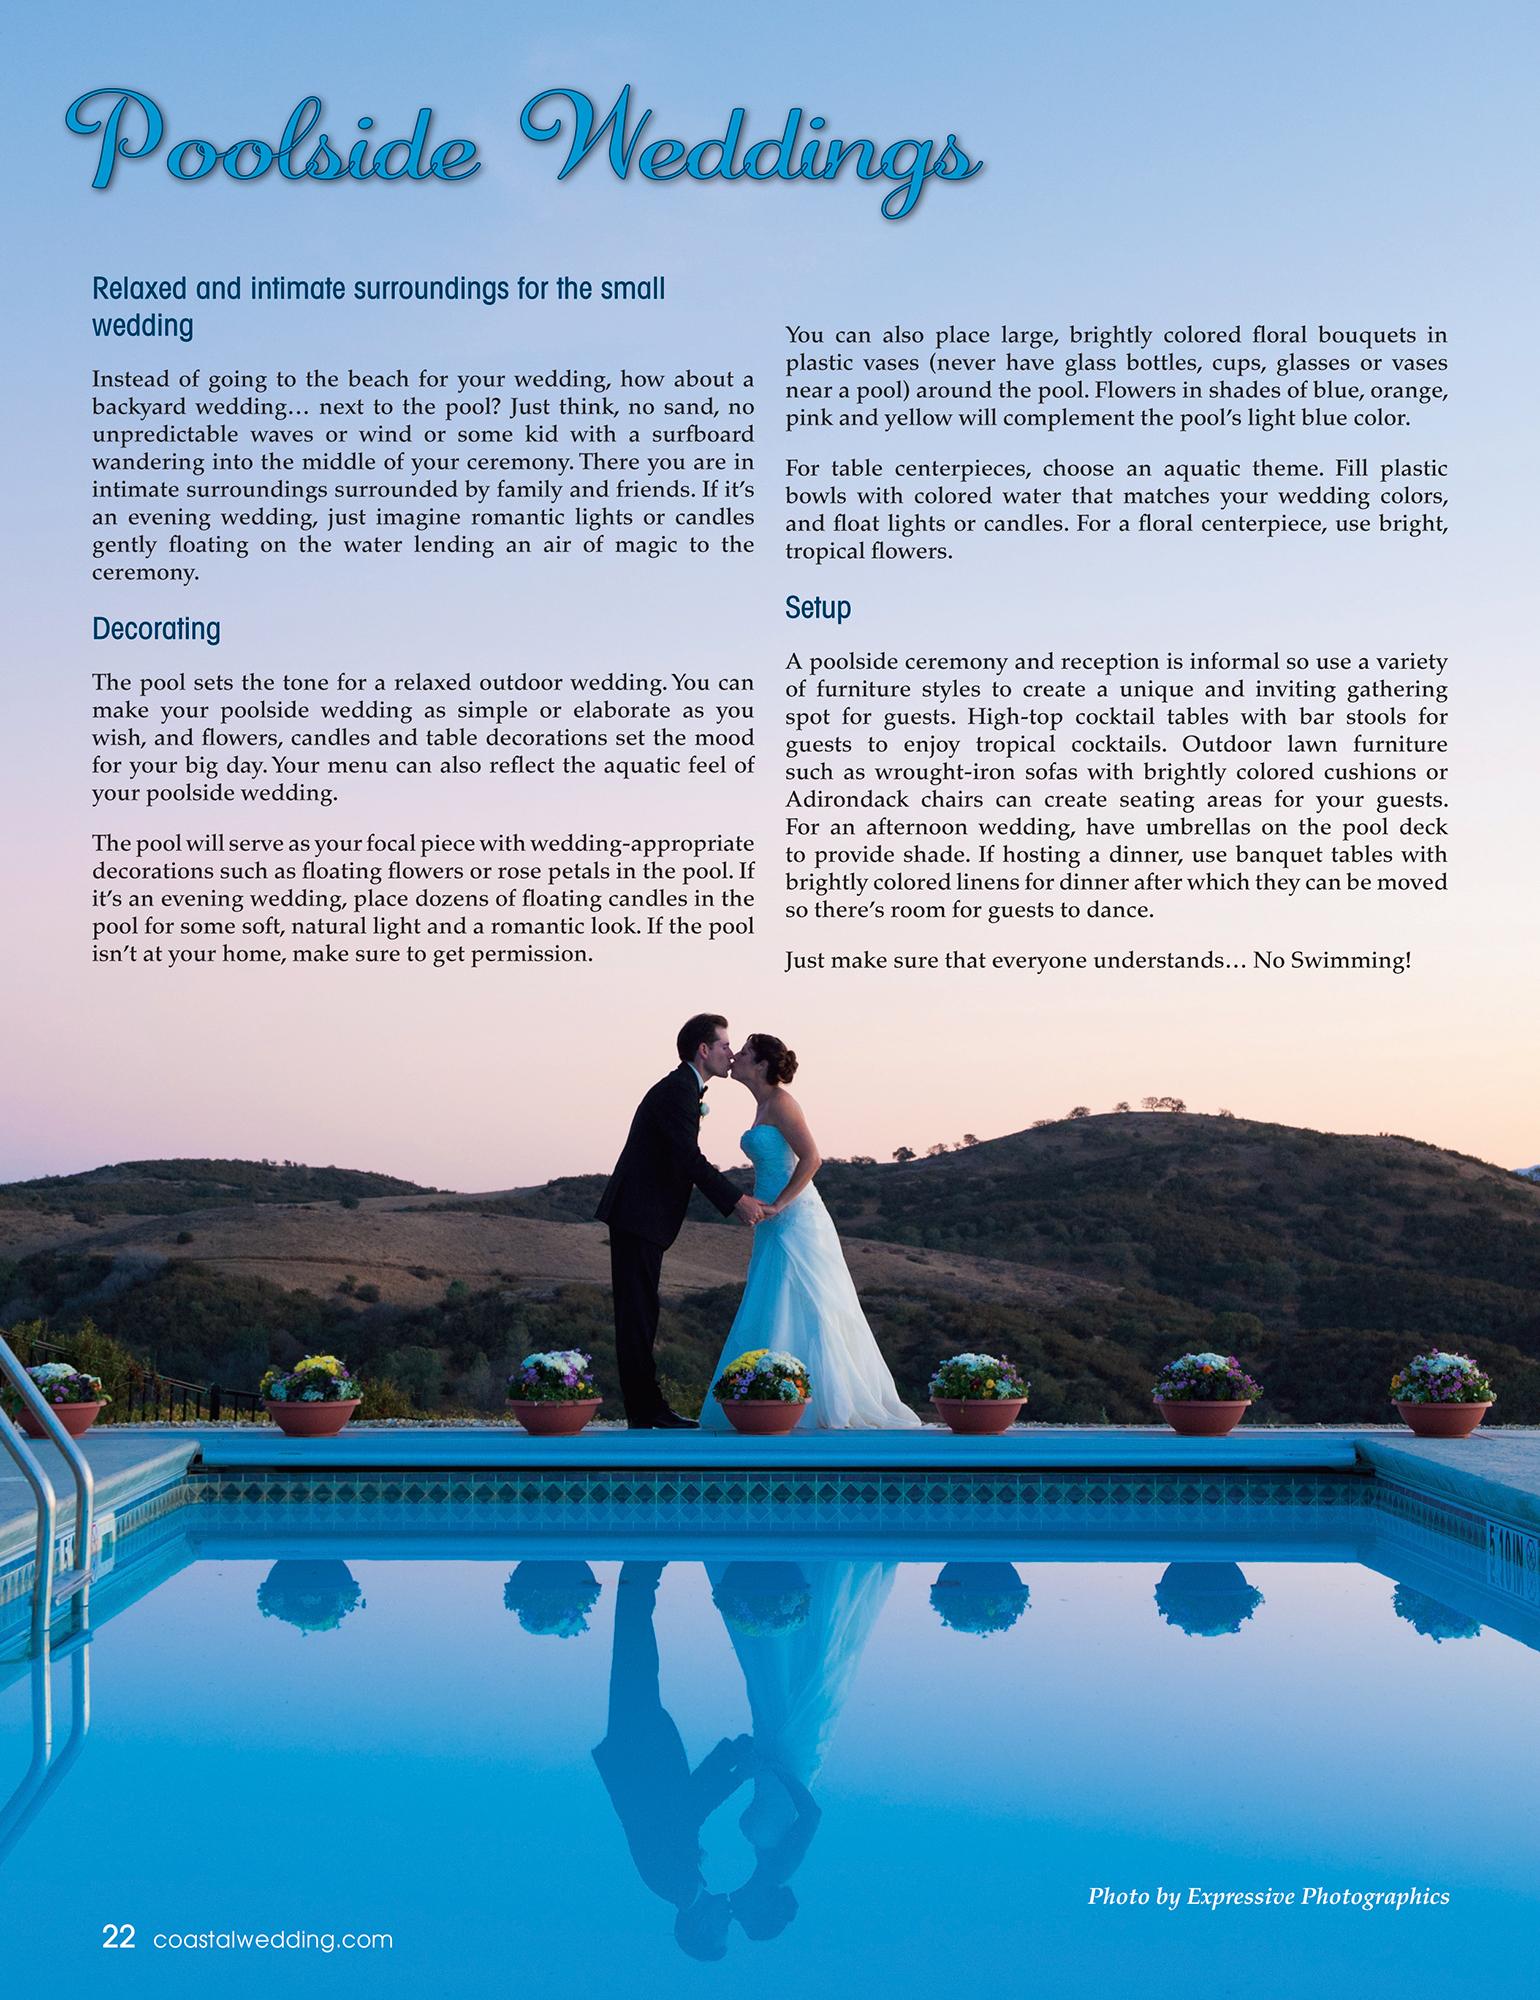 poolside-Weddings-photo